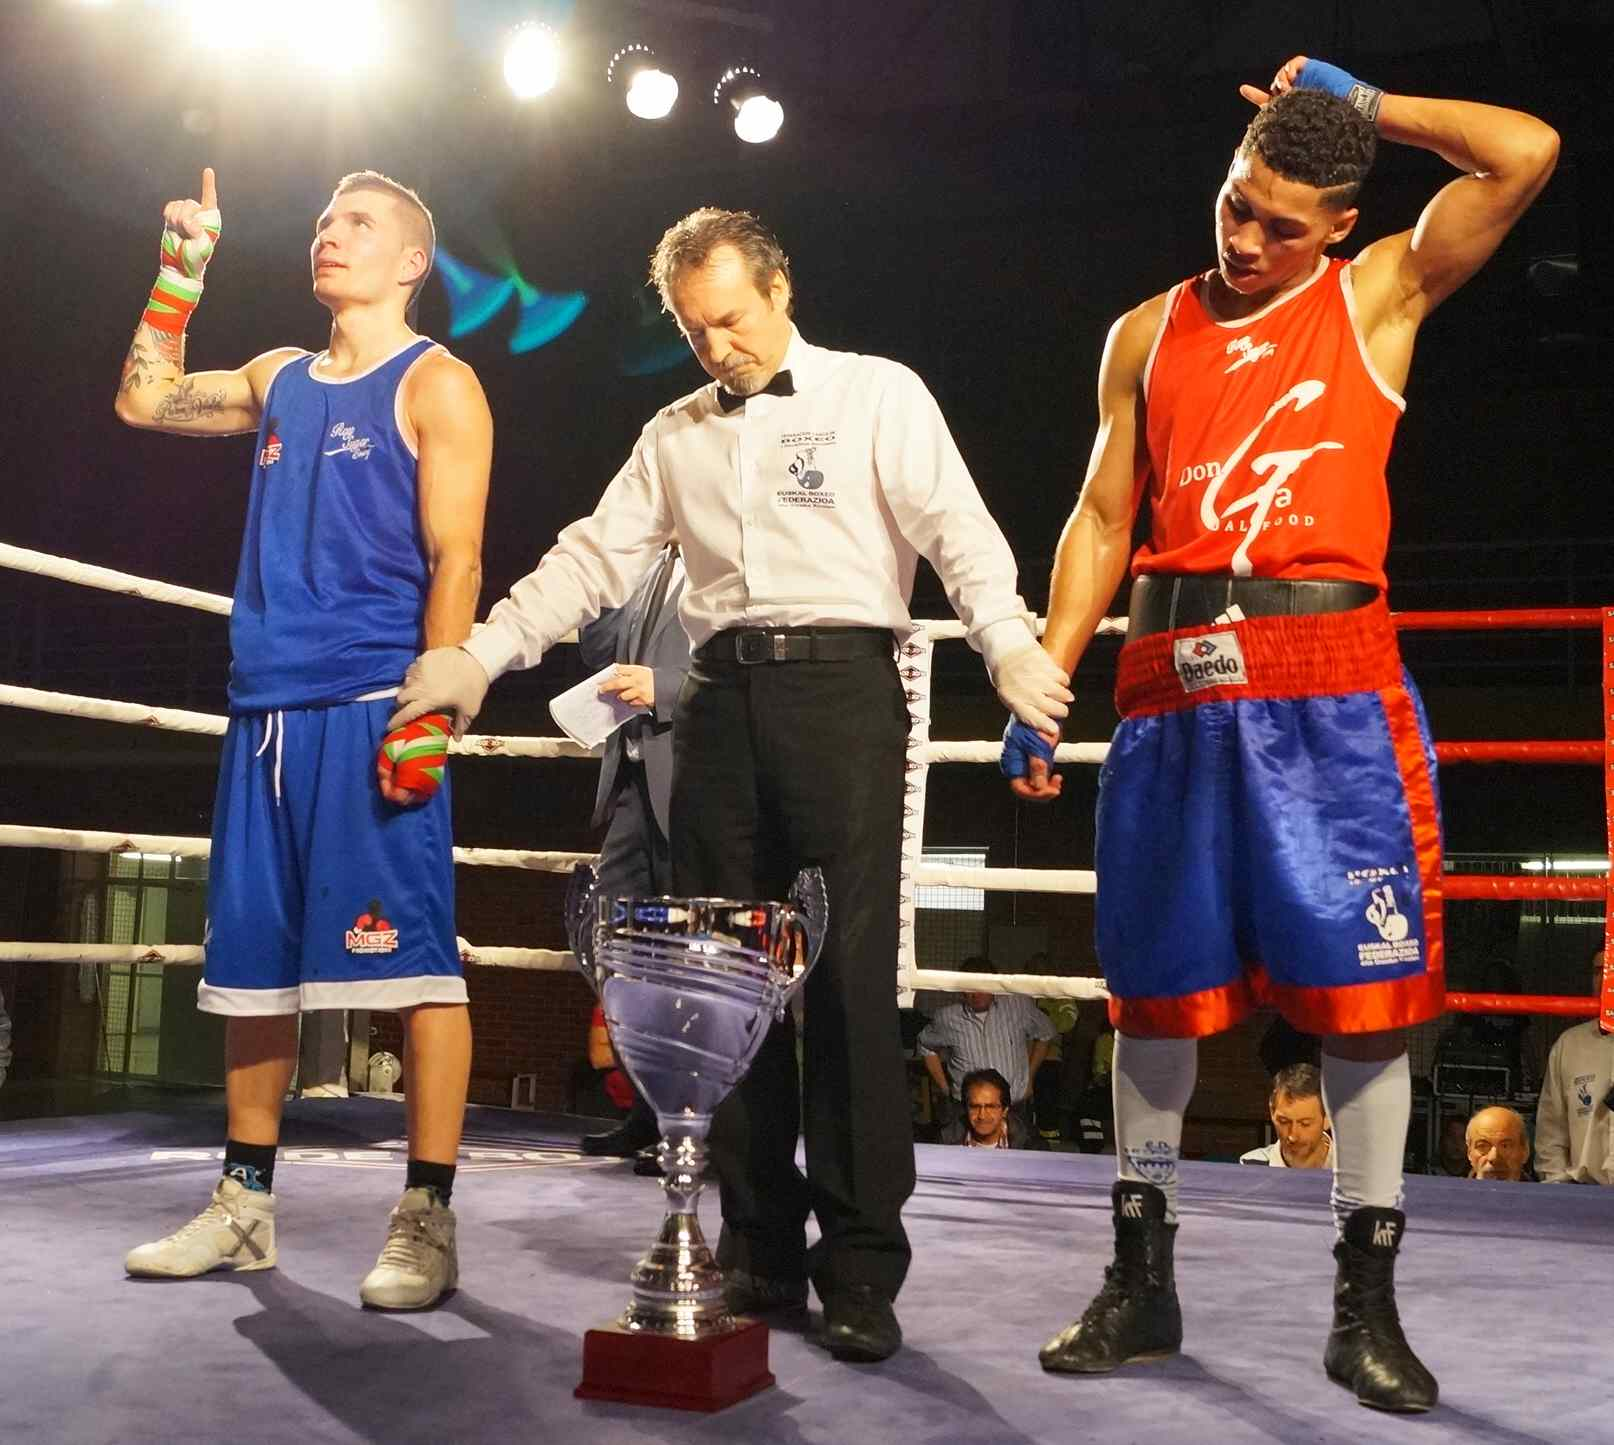 Ibon Larrinaga, de azul, y Esteban Jiménez, de rojo, esperan el veredicto de los jueces tras un gran combate.